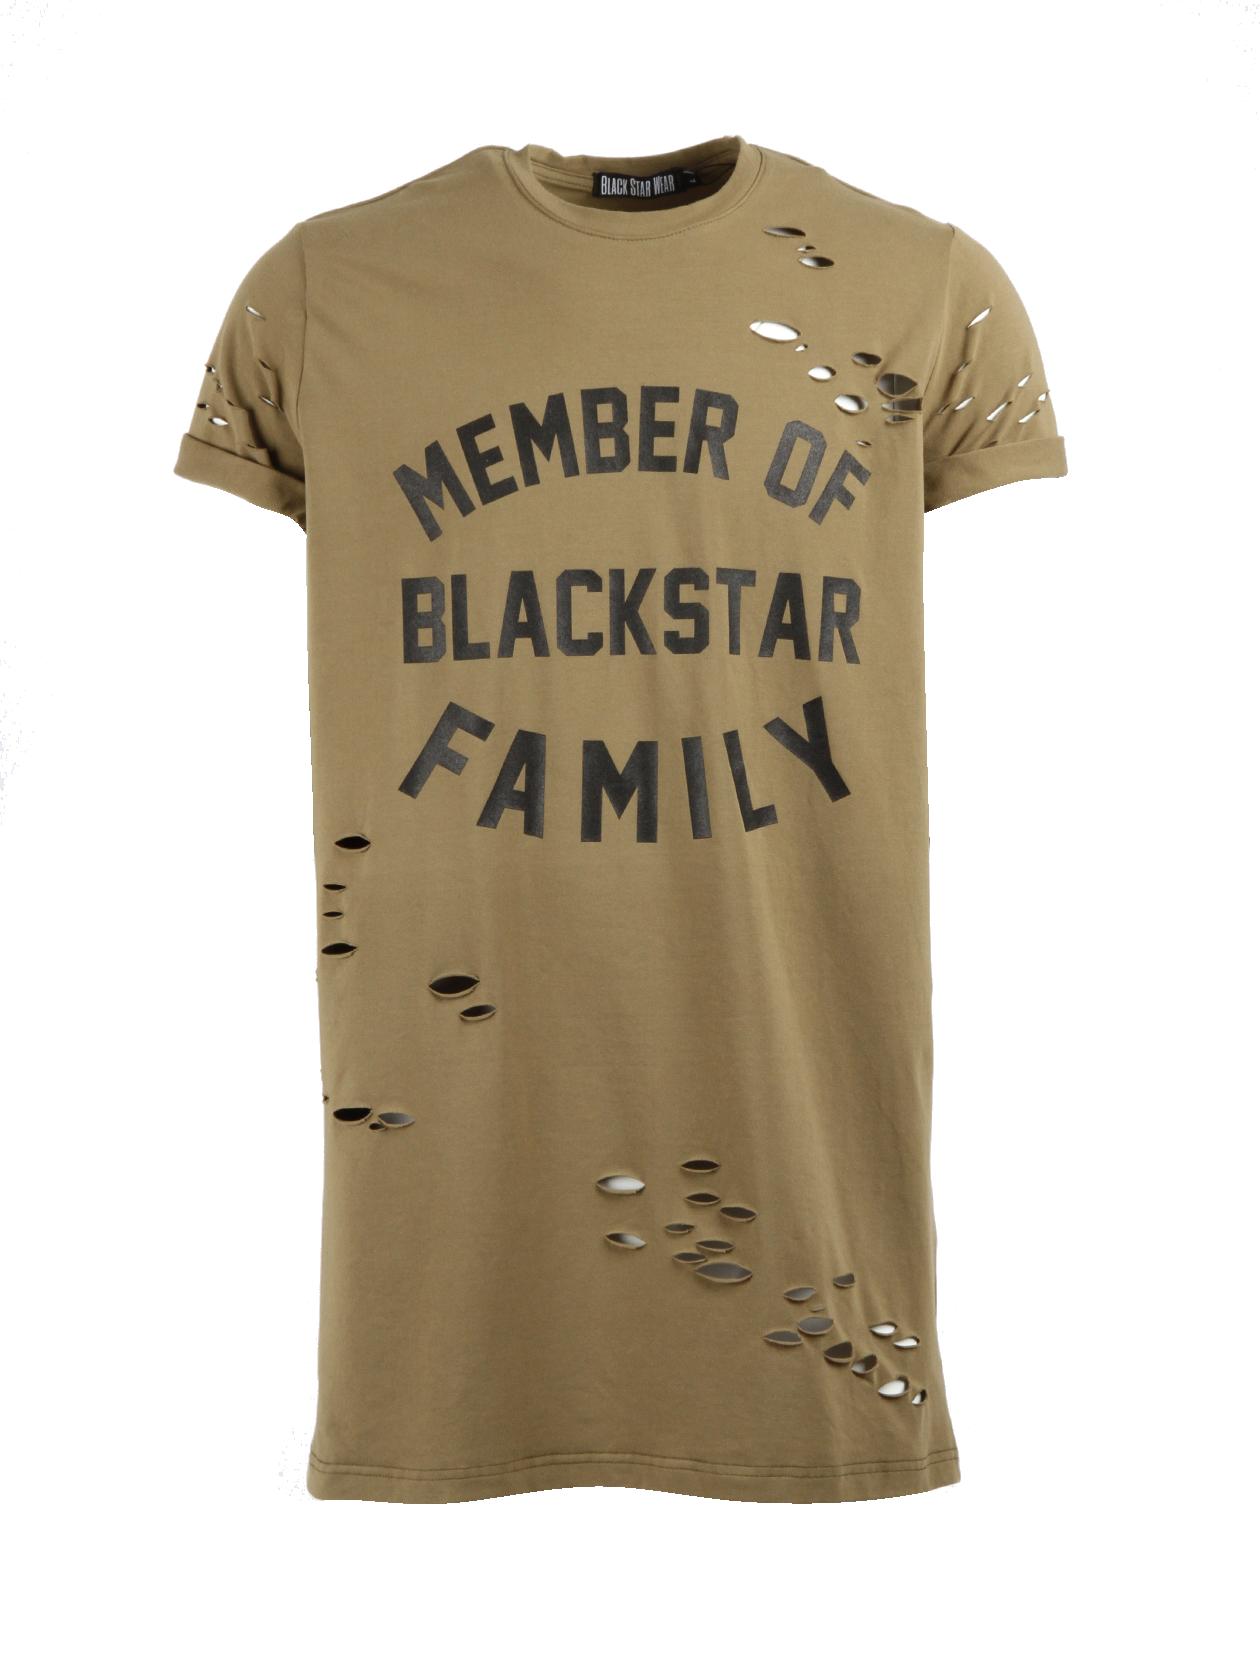 Mens t-shirt Member of BS familyНеординарная мужская футболка Member of BS Family – стильная вещь от бренда Black Star Wear. Модель выполнена в цвете хаки, множественные порезы и чёрный глянцевый принт с надписью на груди выступают в качестве элементов дизайна. Свободный удлиненный крой, округлая горловина и классический рукав с подворотом. Внутри по вороту жаккардовый лейбл. Материал пошива – 100% хлопок. Идеальный вариант для создания яркого образа.<br><br>size: XS<br>color: Camel<br>gender: male